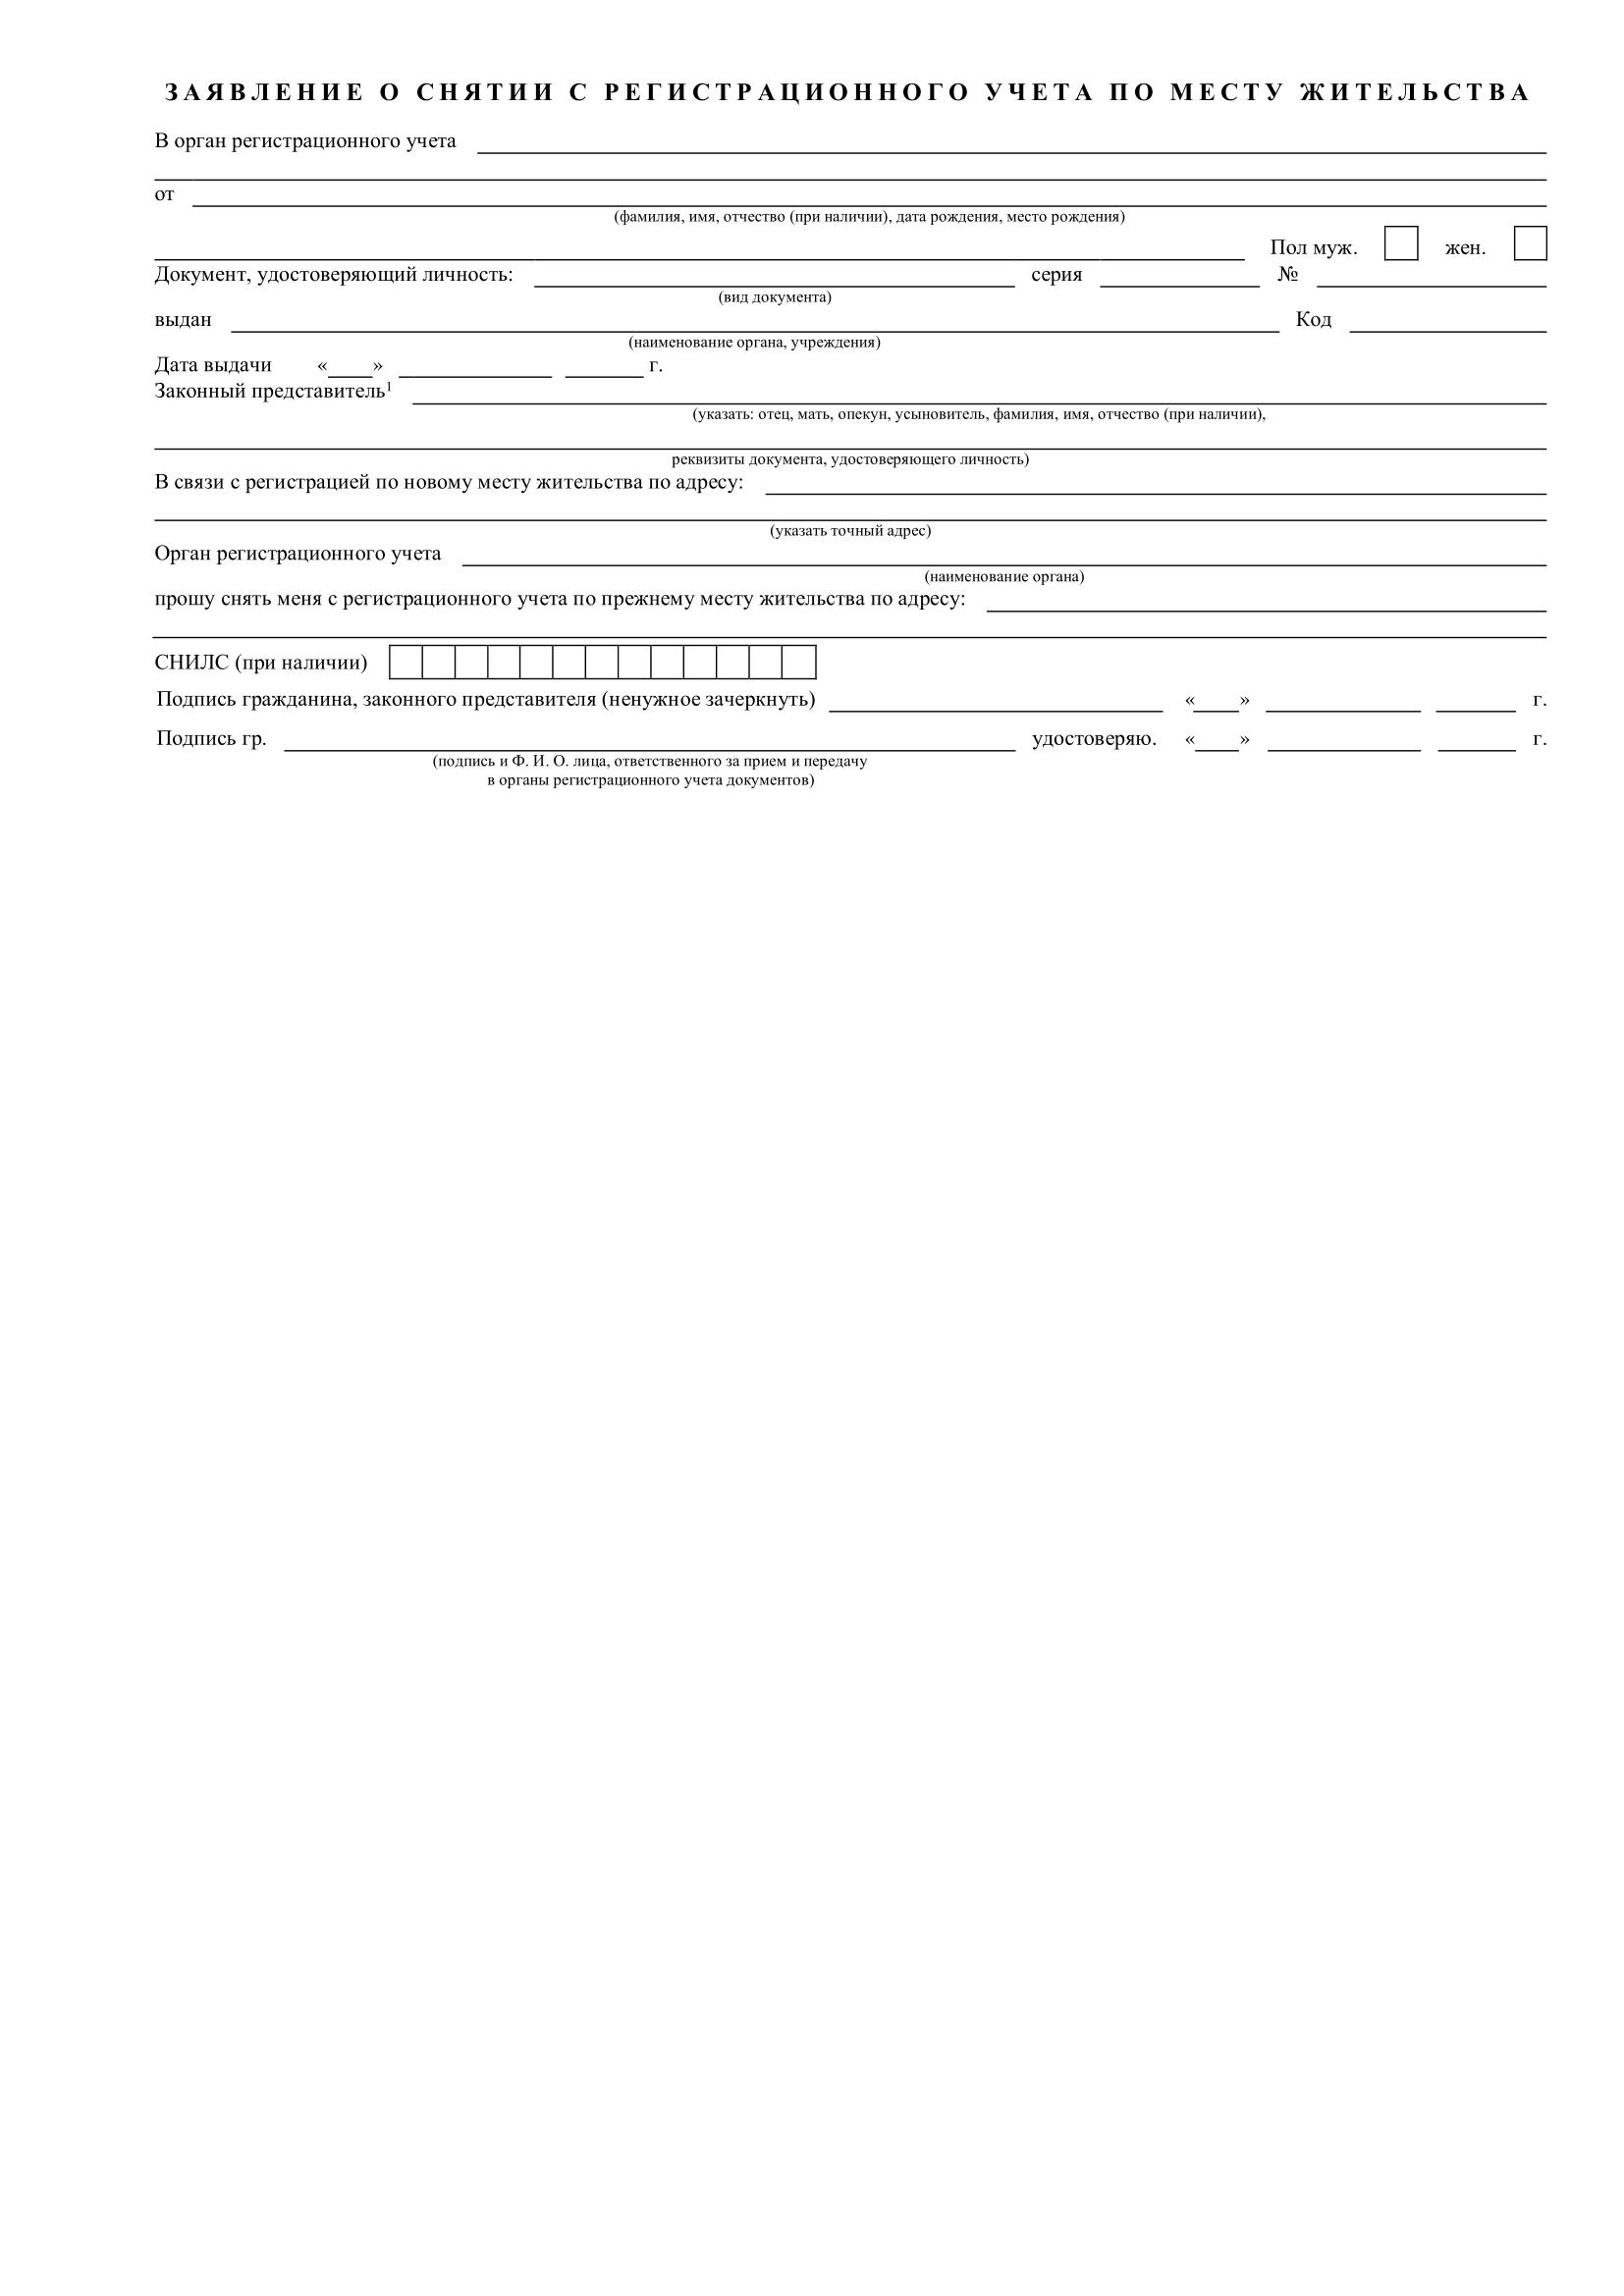 Заявление о снятии с регистрацонного учета по месту жительства